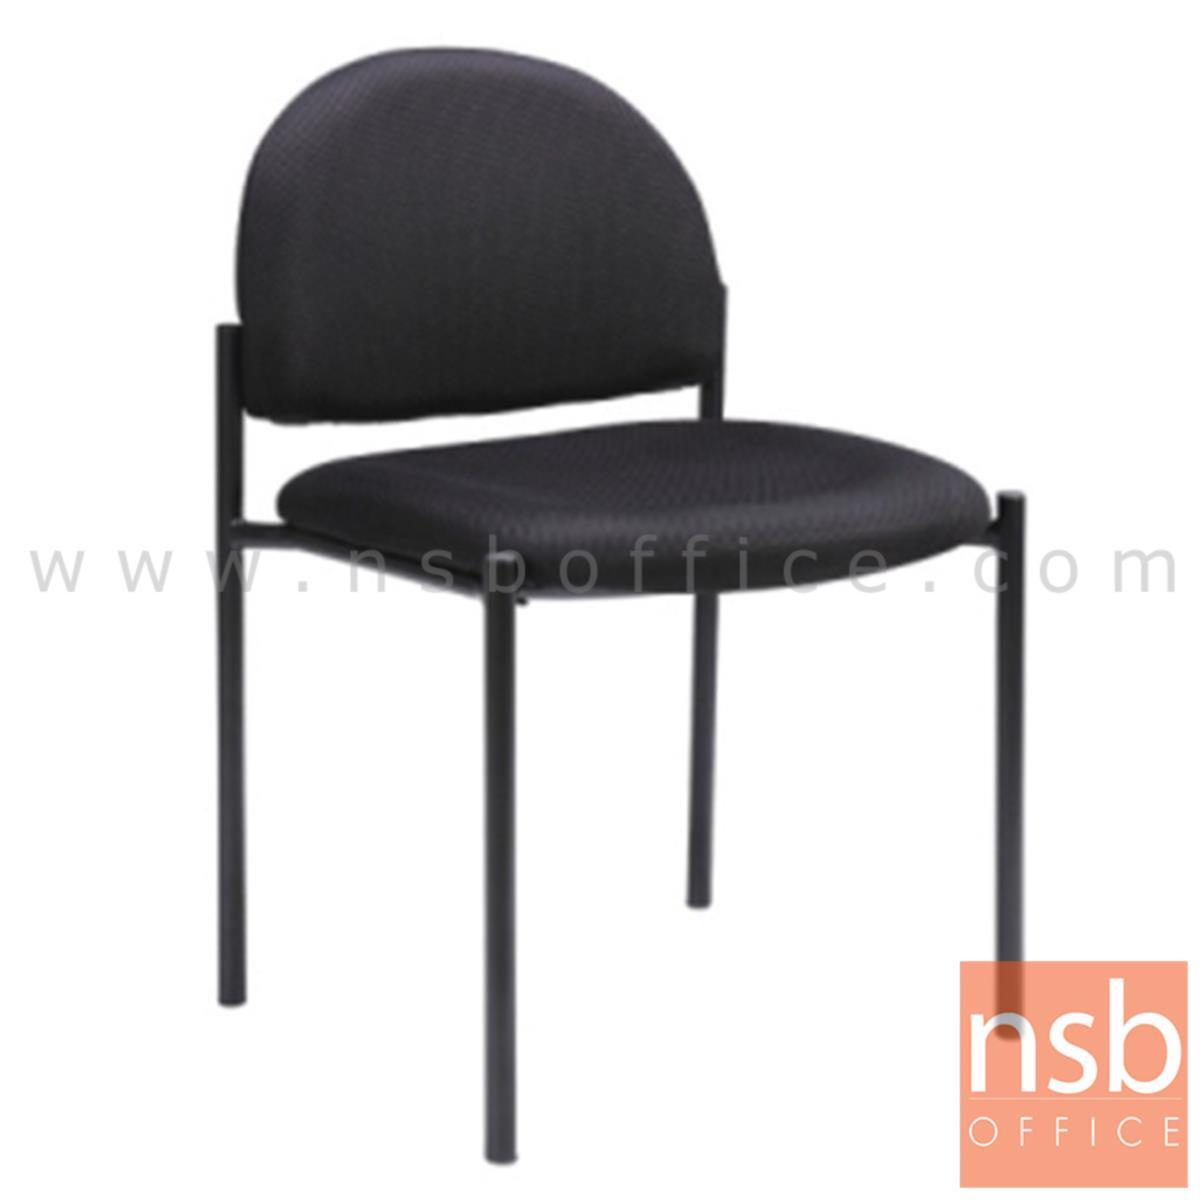 B05A134:เก้าอี้อเนกประสงค์ รุ่น Faydell (เฟย์เดล)  ขาเหล็กพ่นดำ